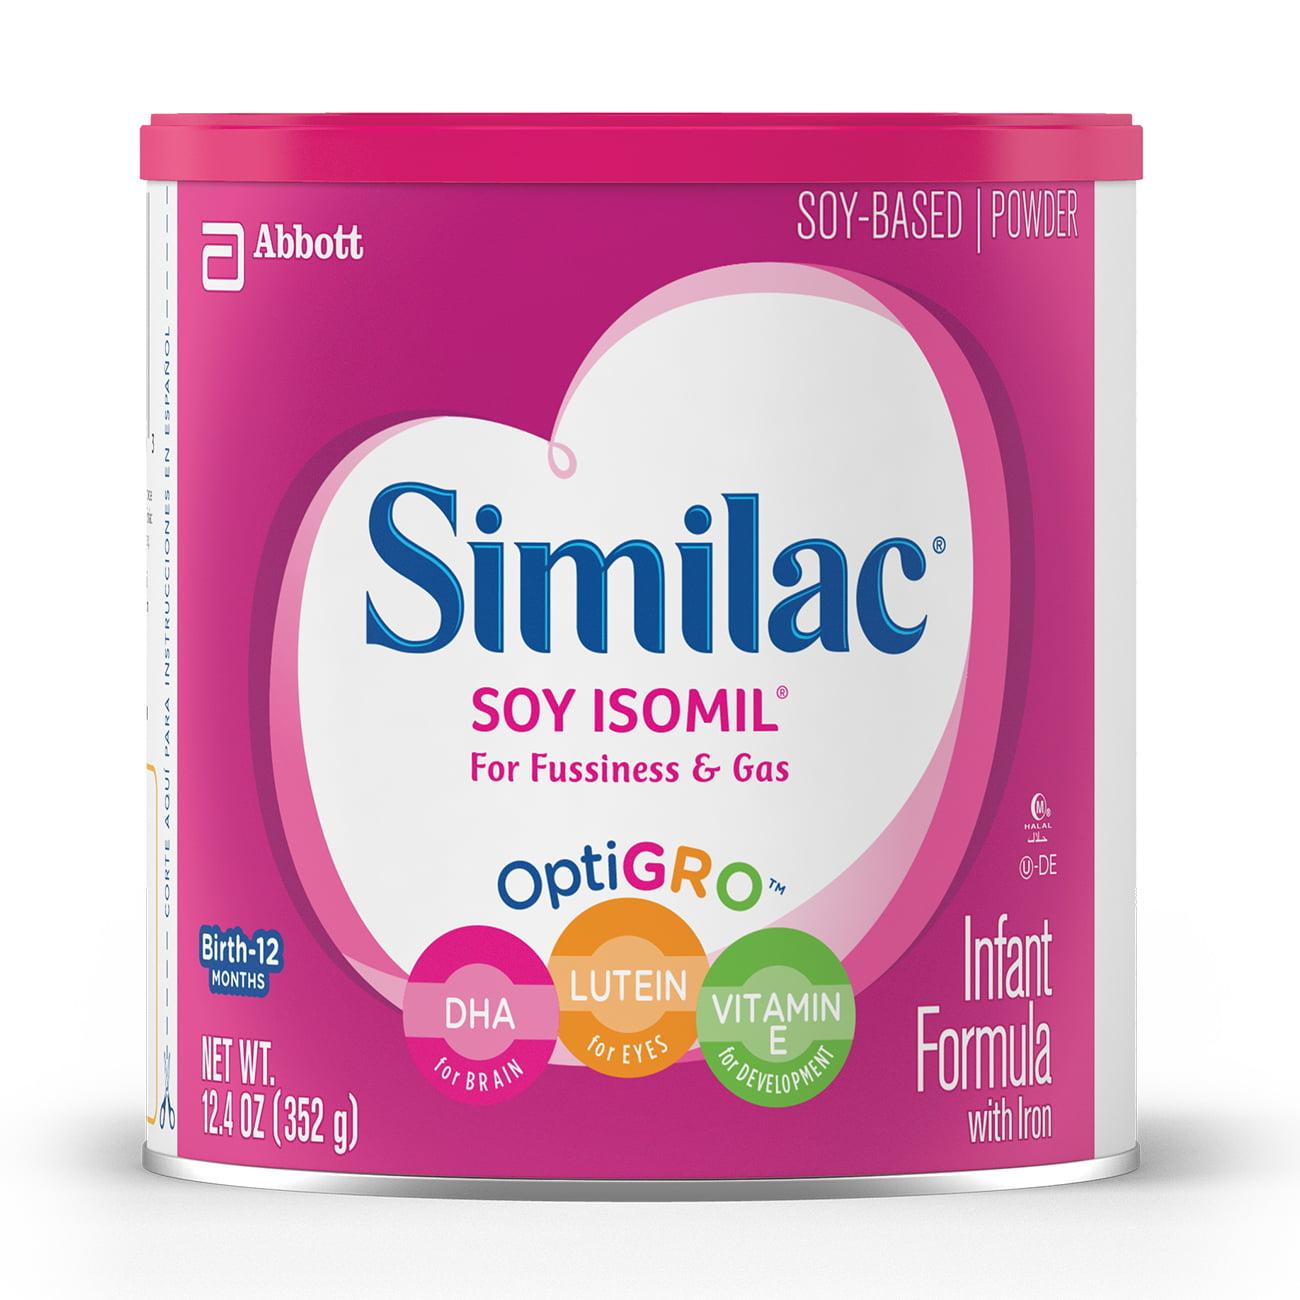 Similiac Soy Isomil (6 Pack) Infant Formula with Iron, Powder, 12.4 oz